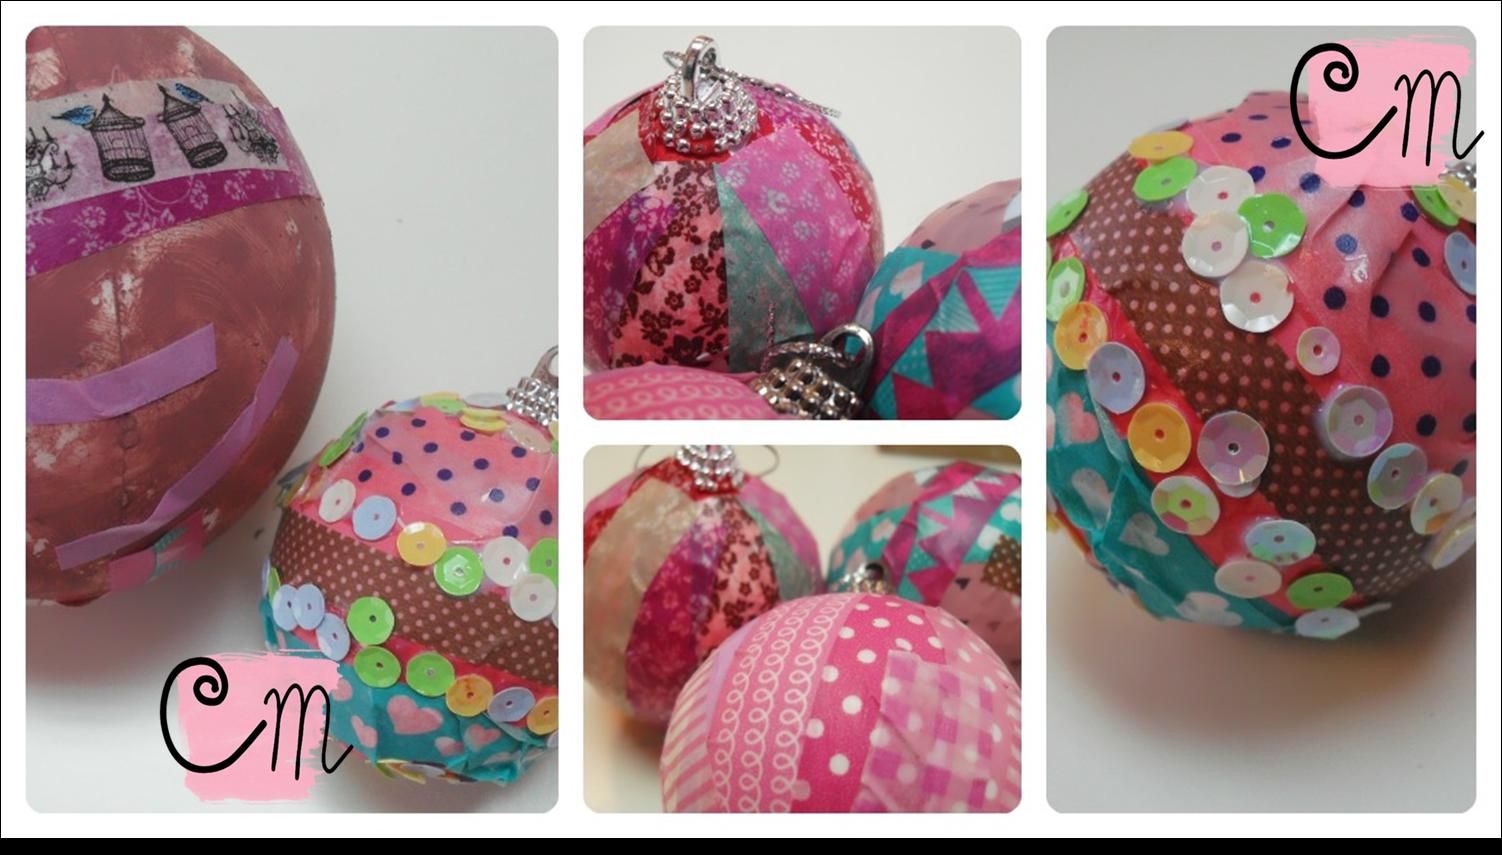 Creative mindly decorar bolas de navidad manualidades - Manualidades navidenas paso a paso ...